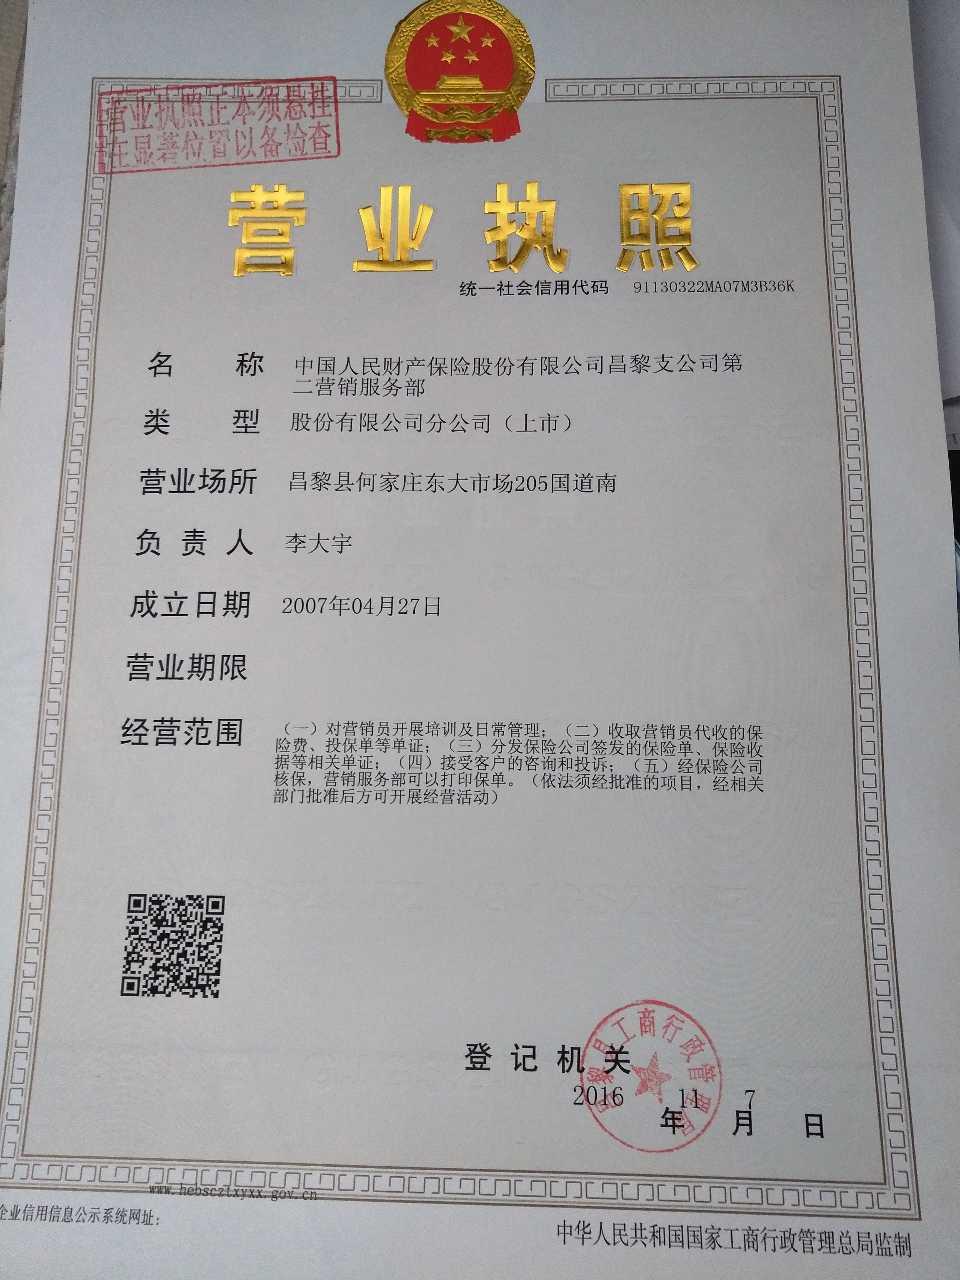 来自李**发布的供应信息:中国人民保险公司第二营销部坐落于东外环南... - 中国人民财产保险股份有限公司昌黎支公司第二营销服务部